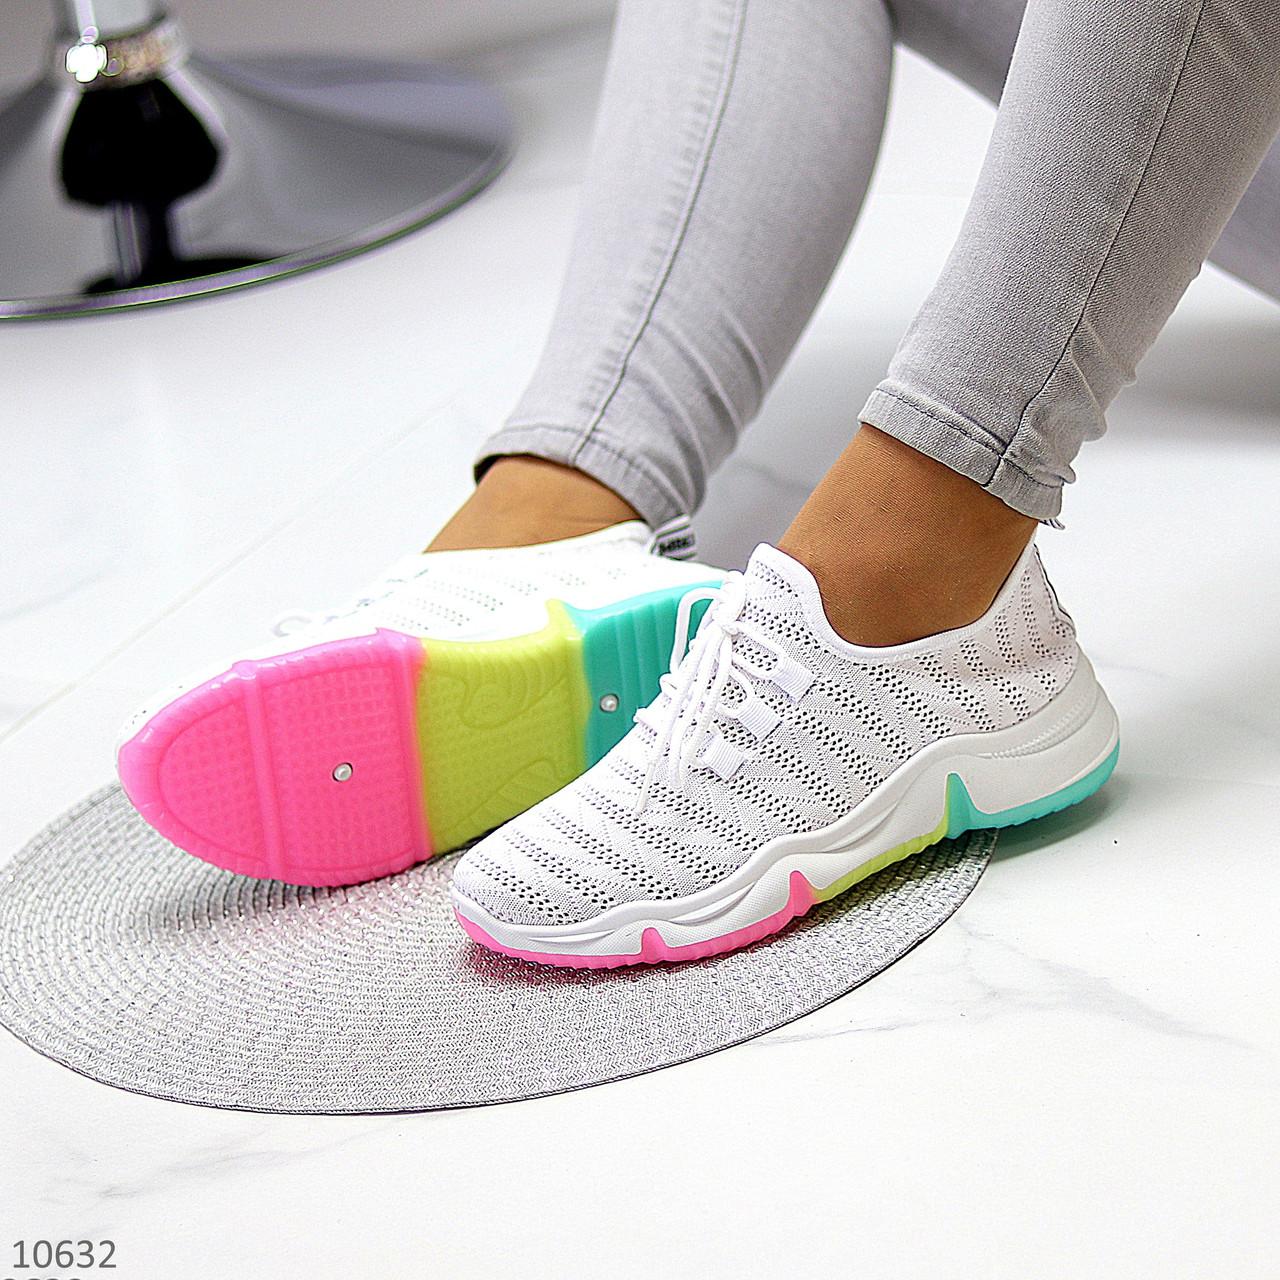 Білі тканинні текстильні жіночі кросівки на підошві мультиколор